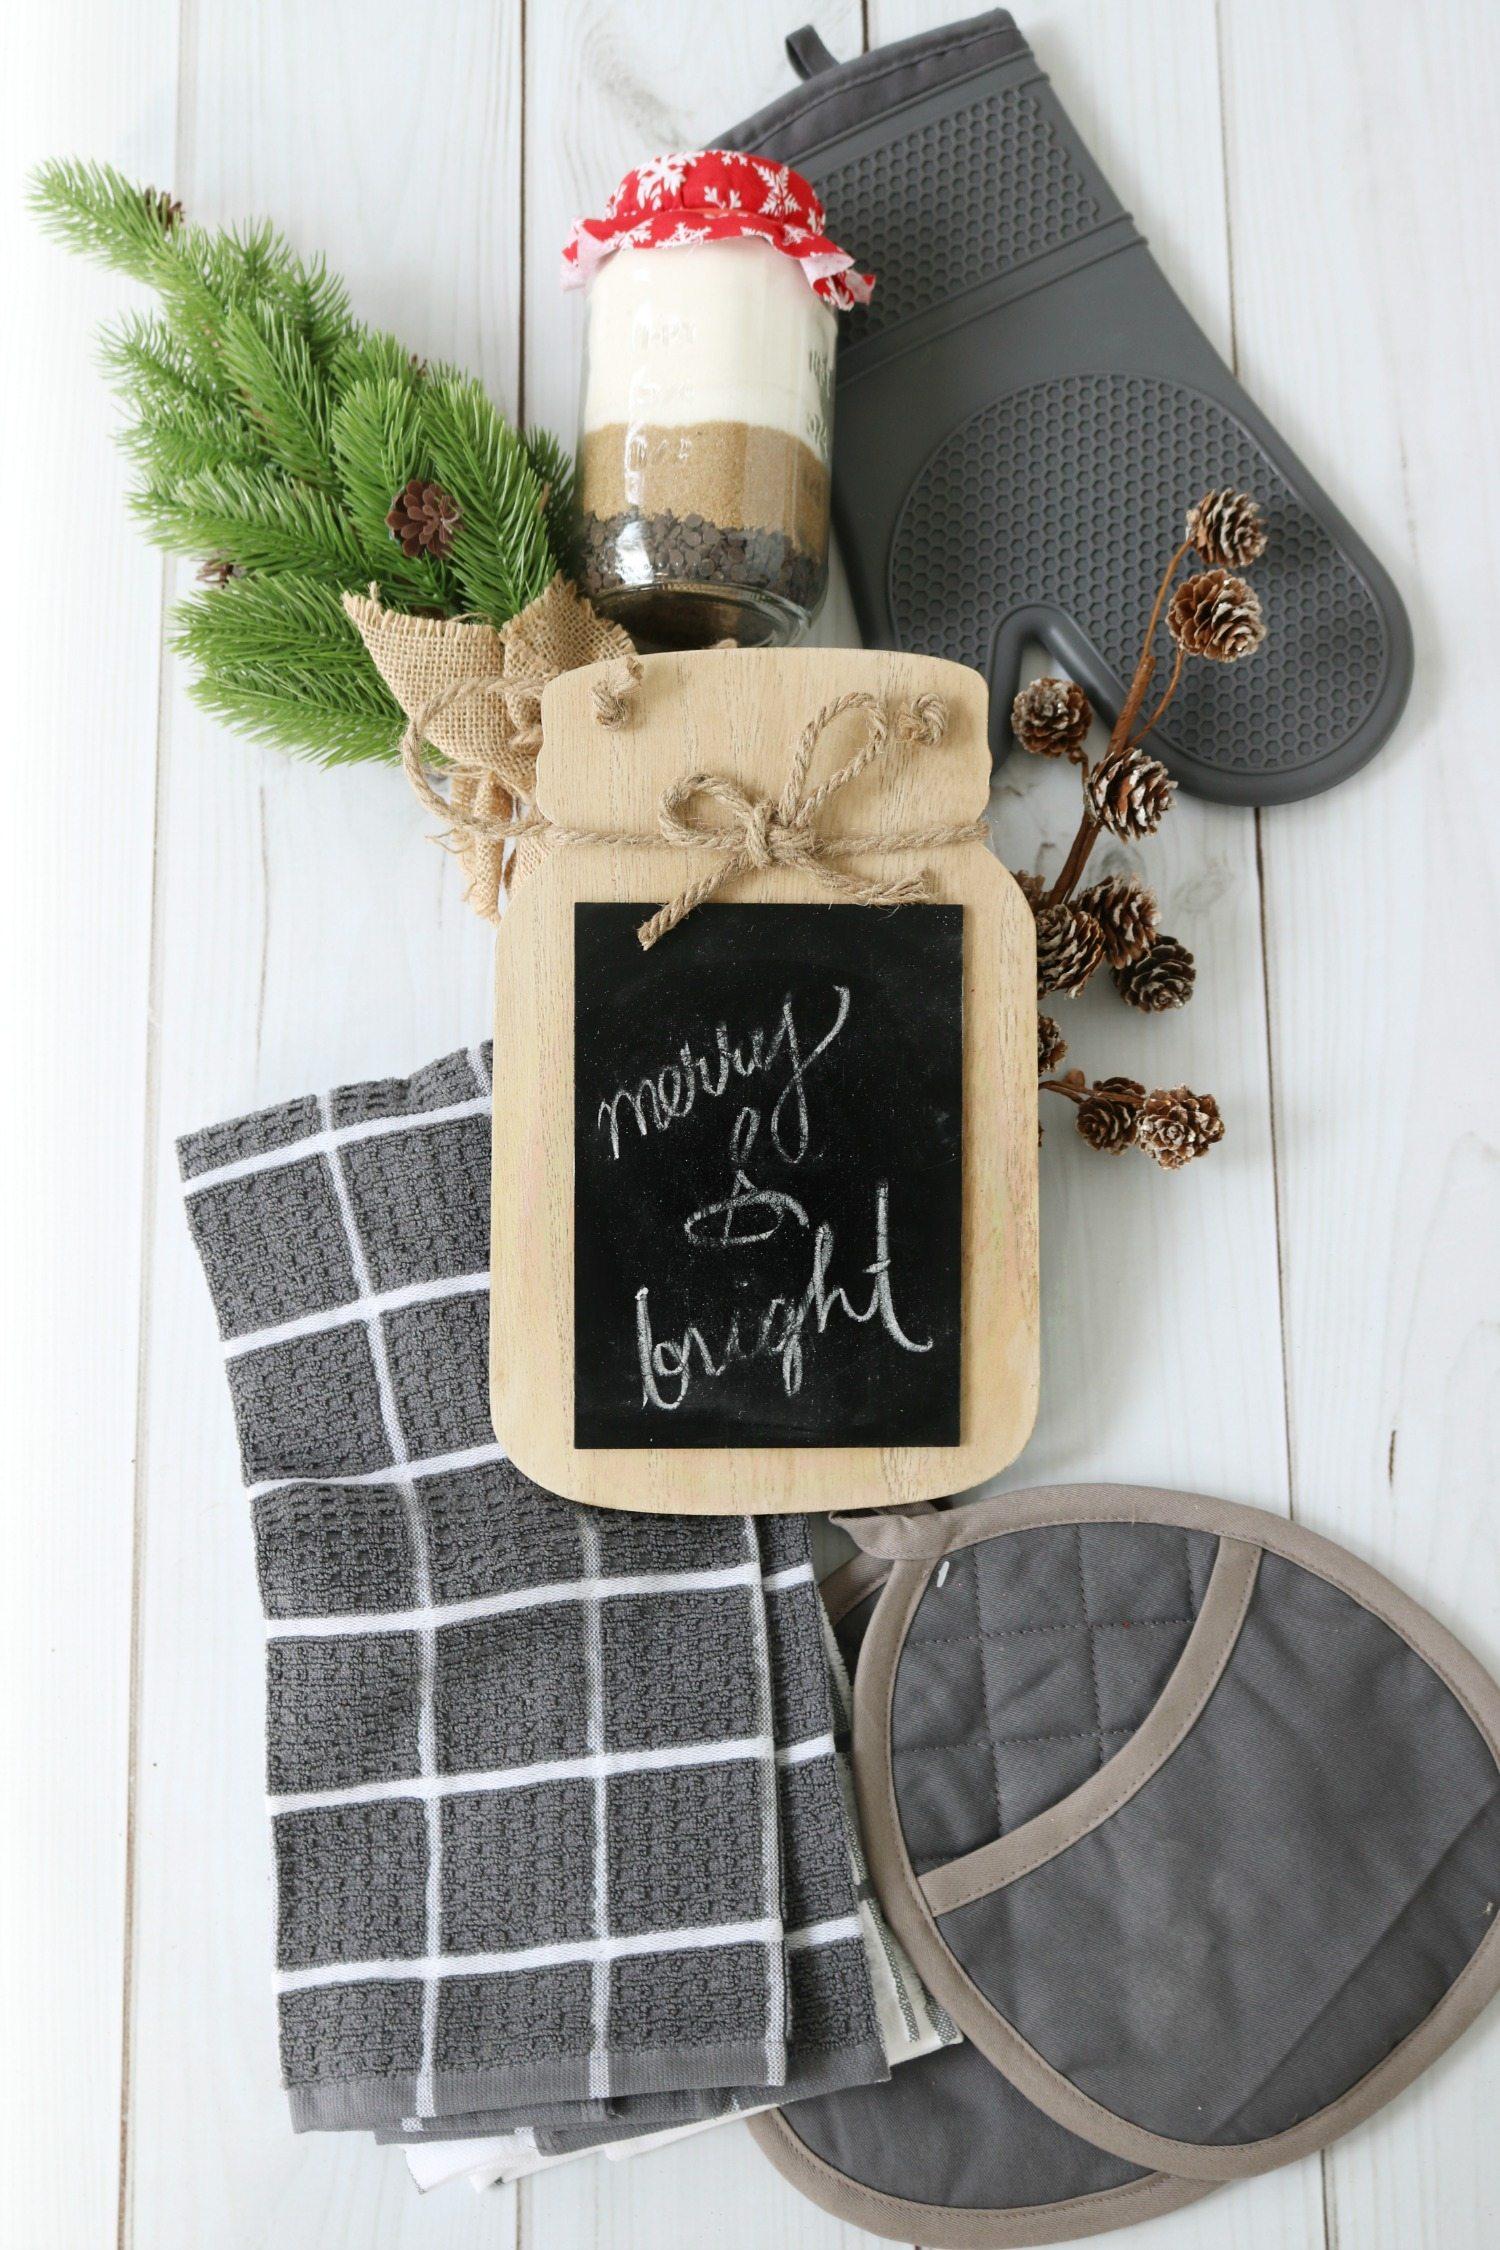 For the baker gift basket